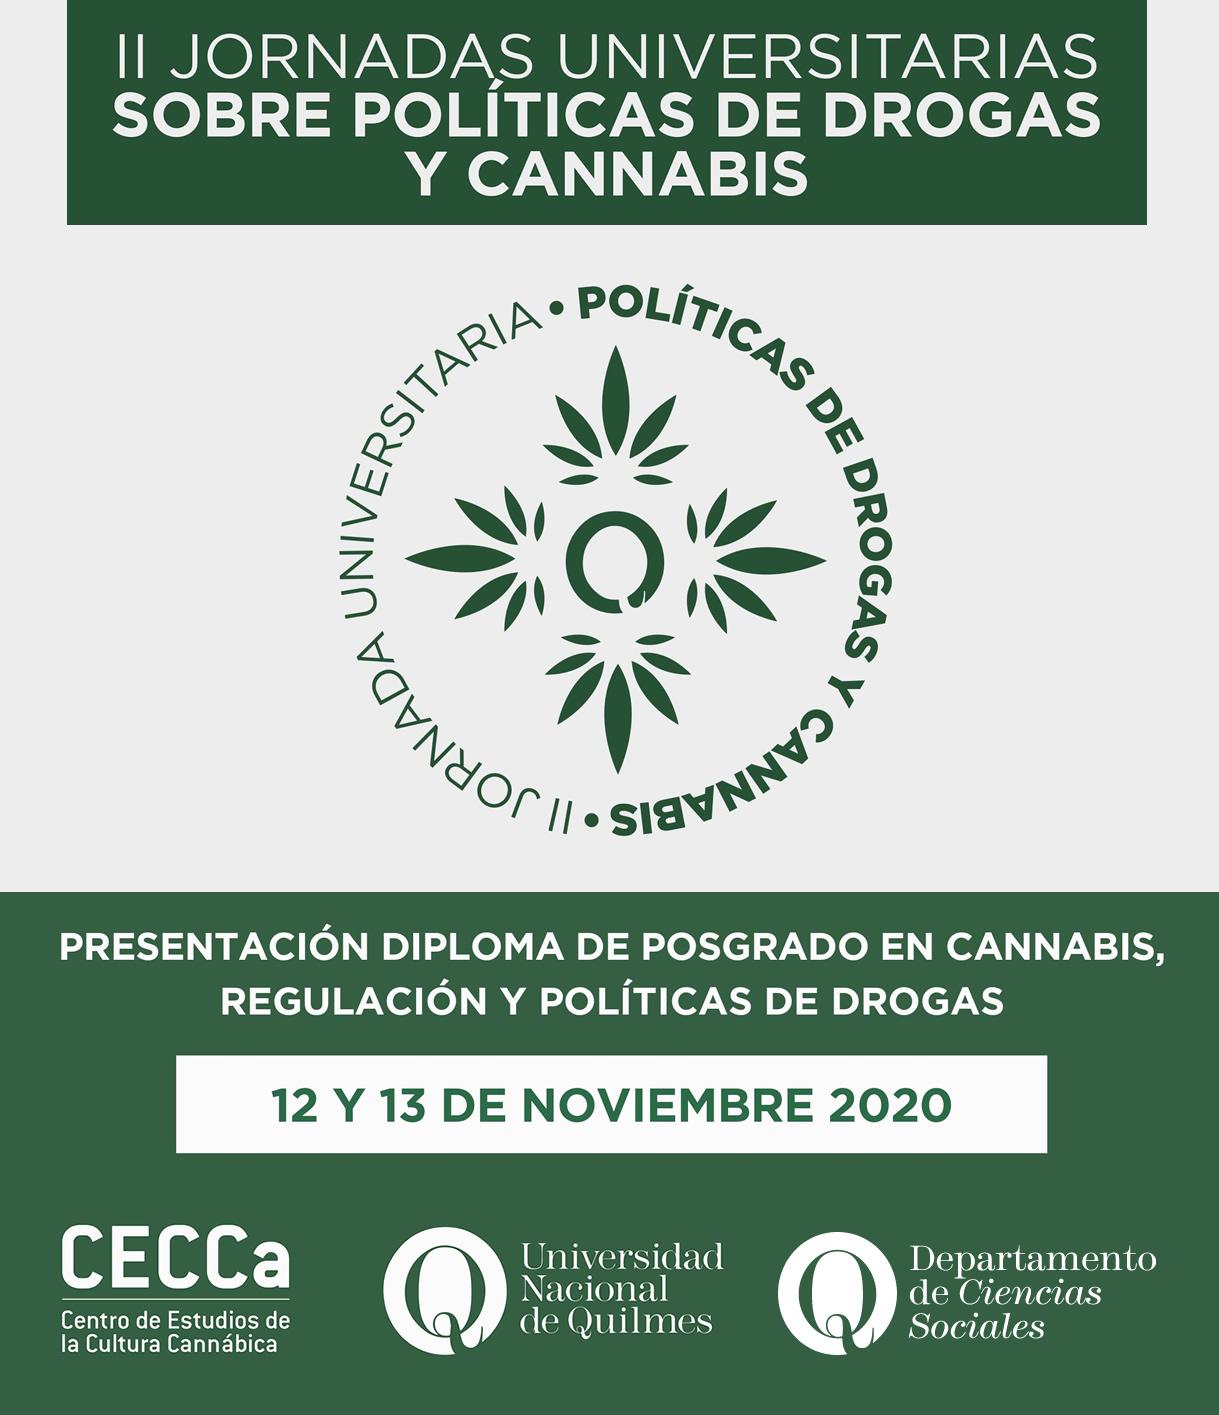 Jornadas Universitarias sobre Políticas de Drogas y Cannabis